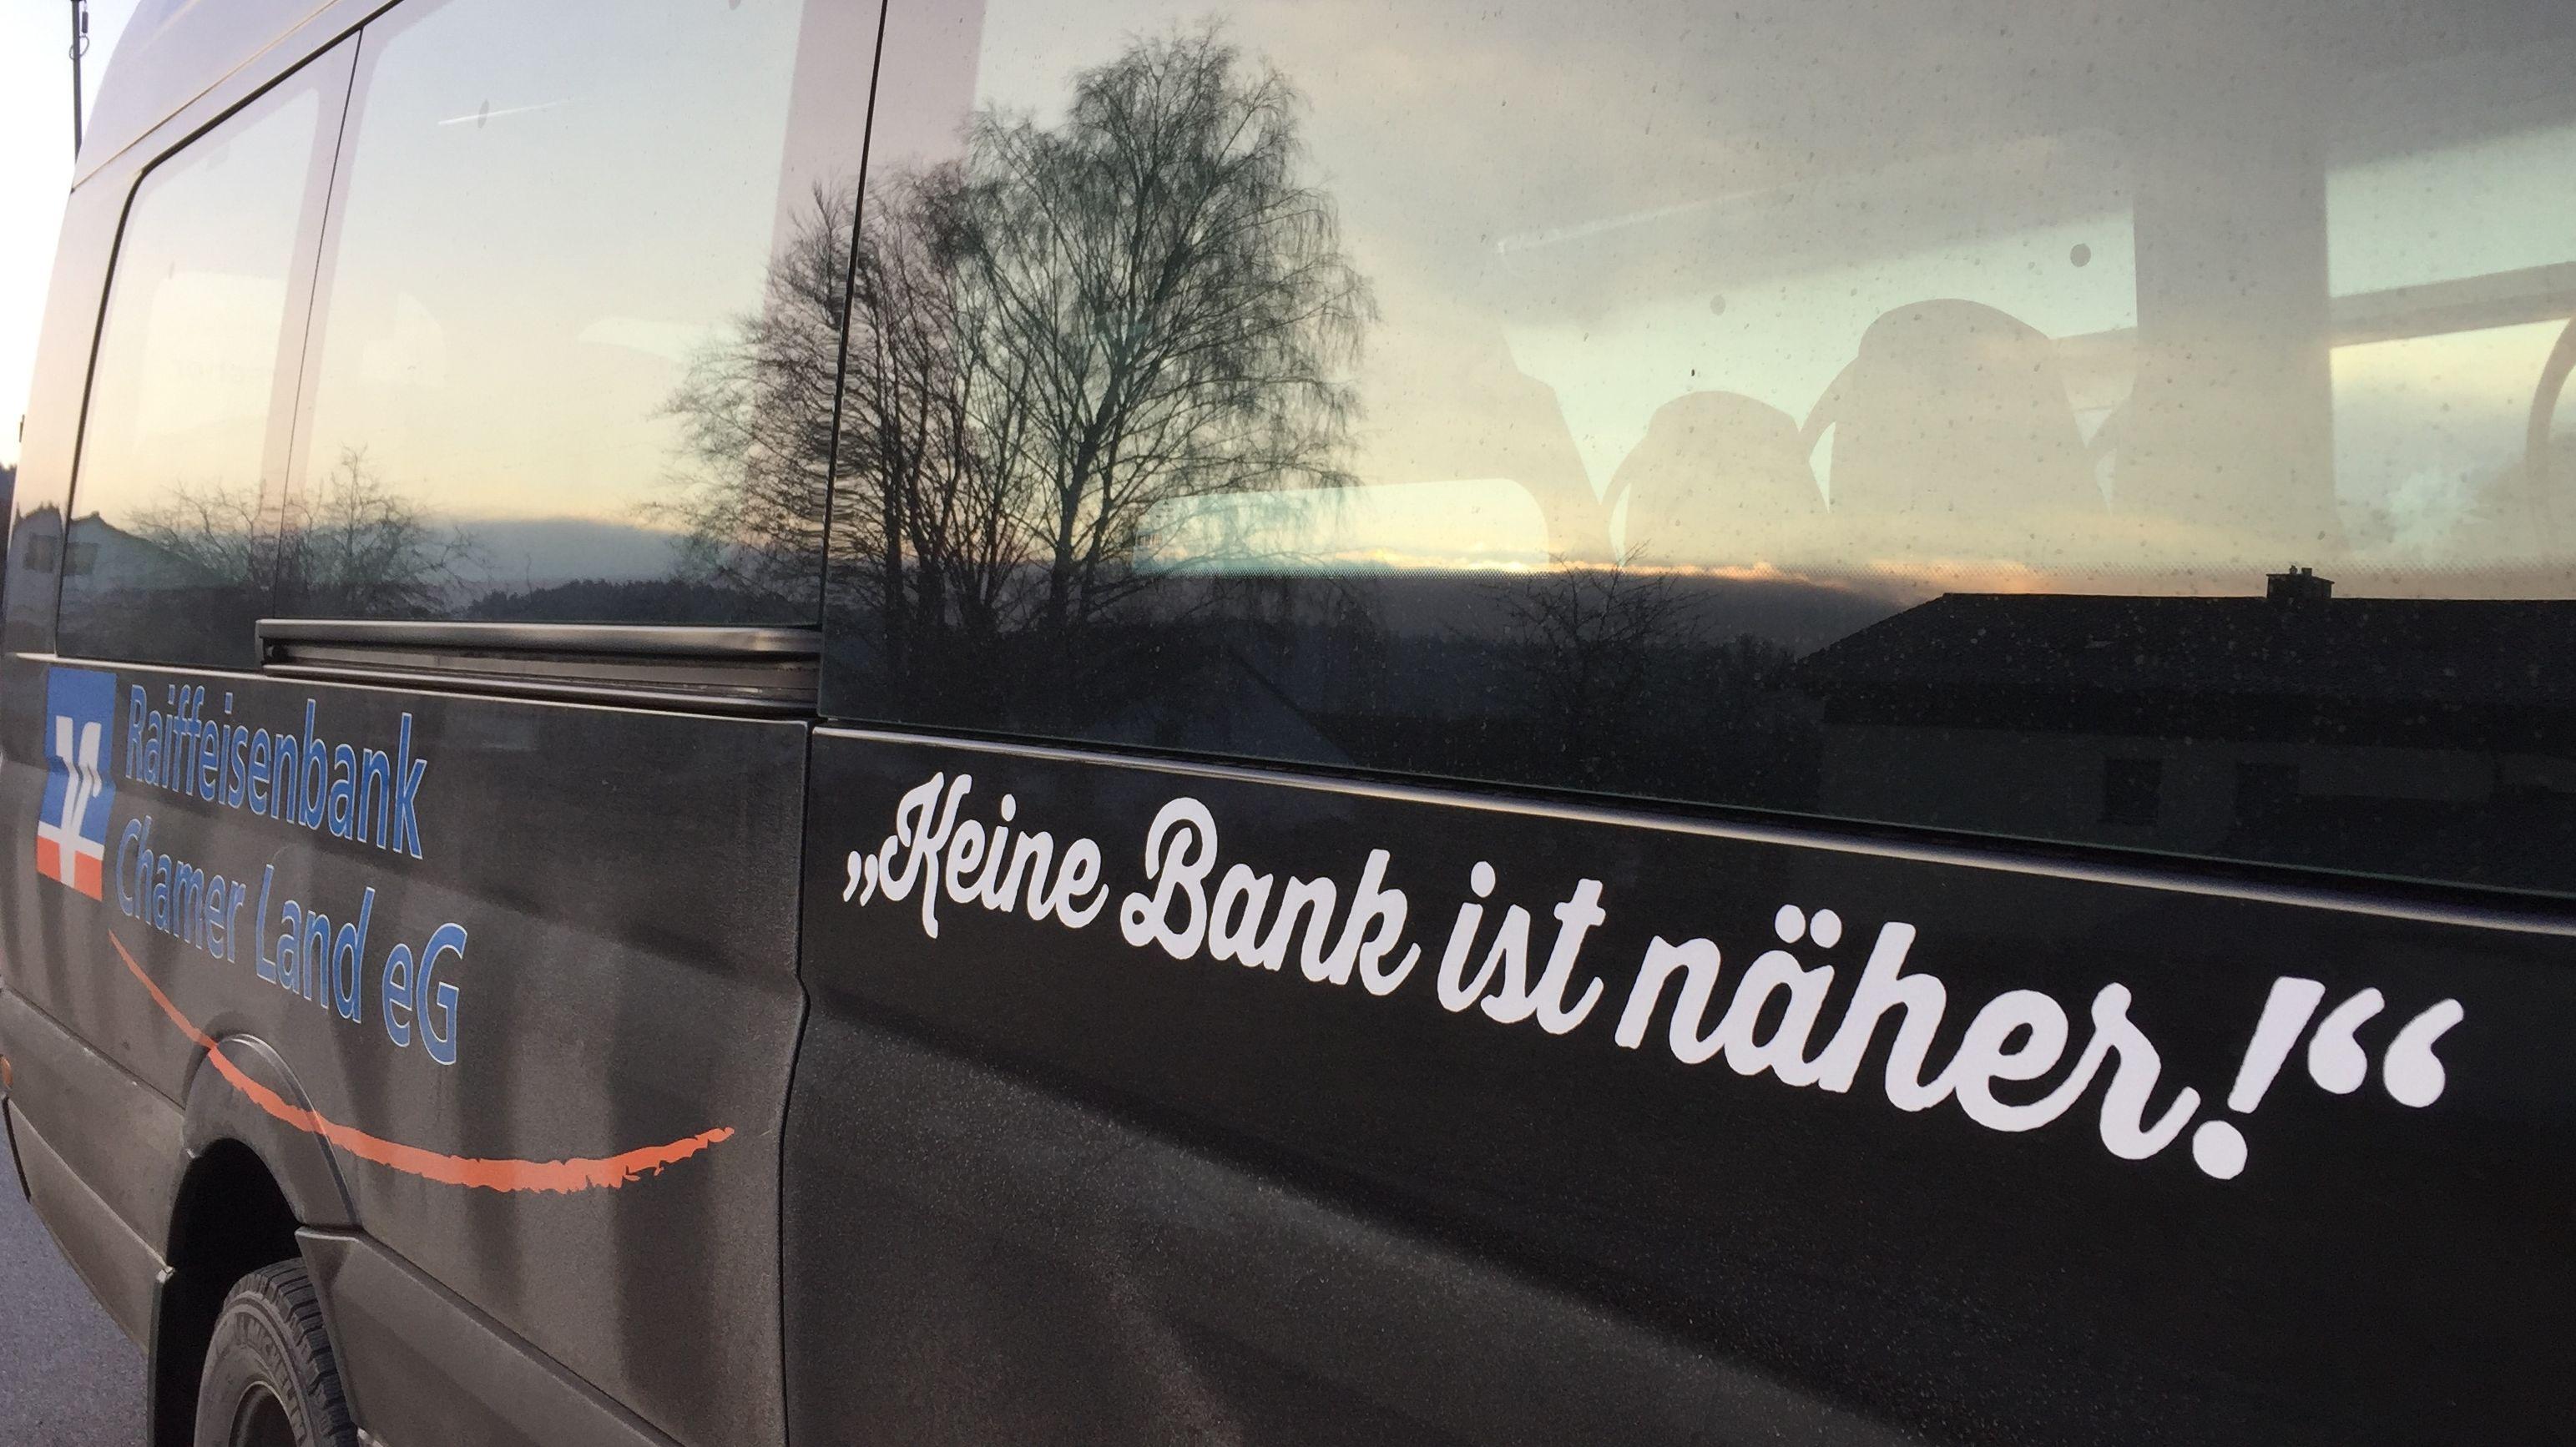 """Der Werbespruch """"Keine Bank ist näher"""" wirkt auf verärgerte Bürger von Zell im Kreis Cham vermutlich wie ein schlechter Witz"""